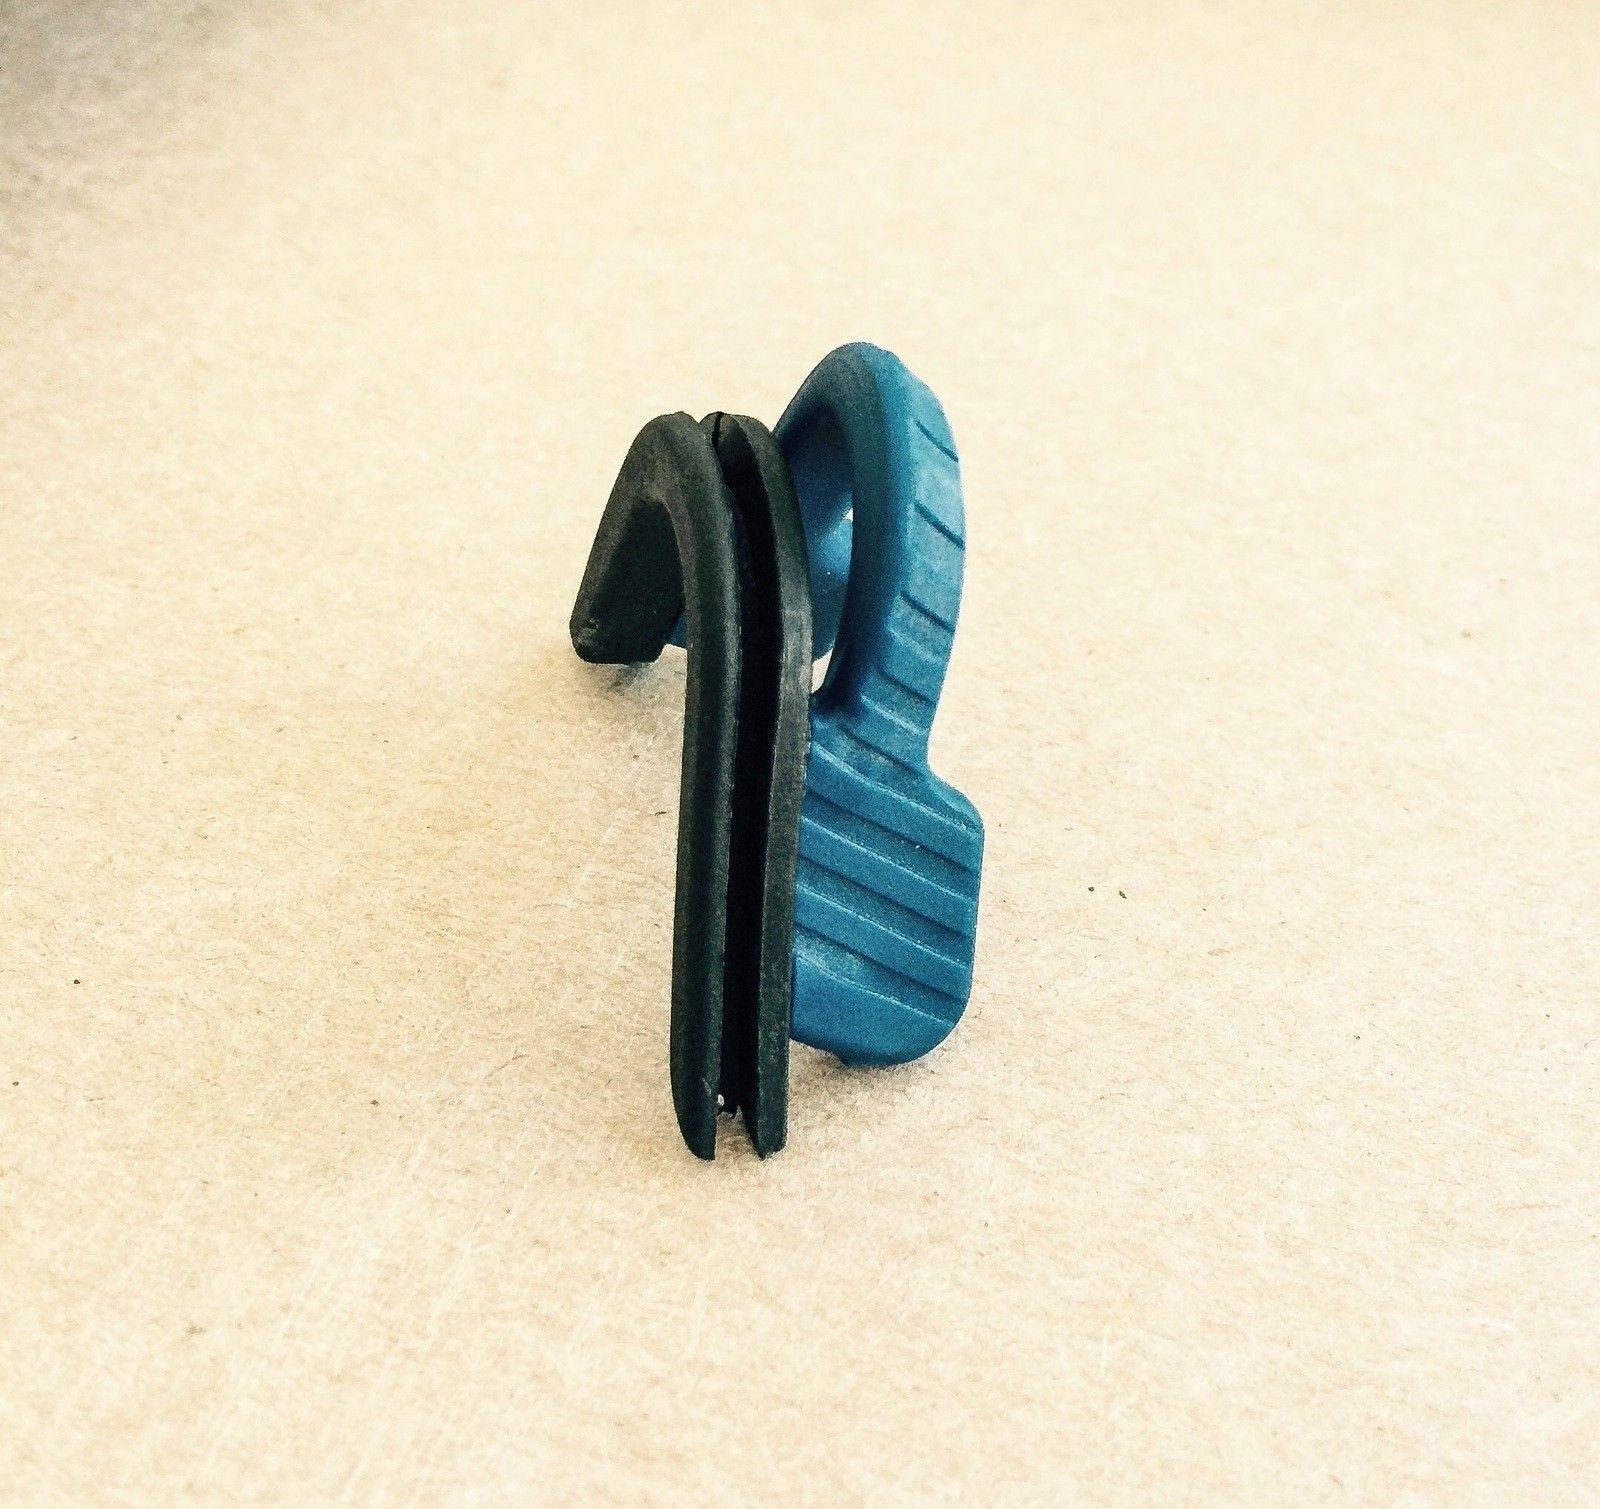 Blue razorblade nosepiece for black RB nosepiece - image.jpg